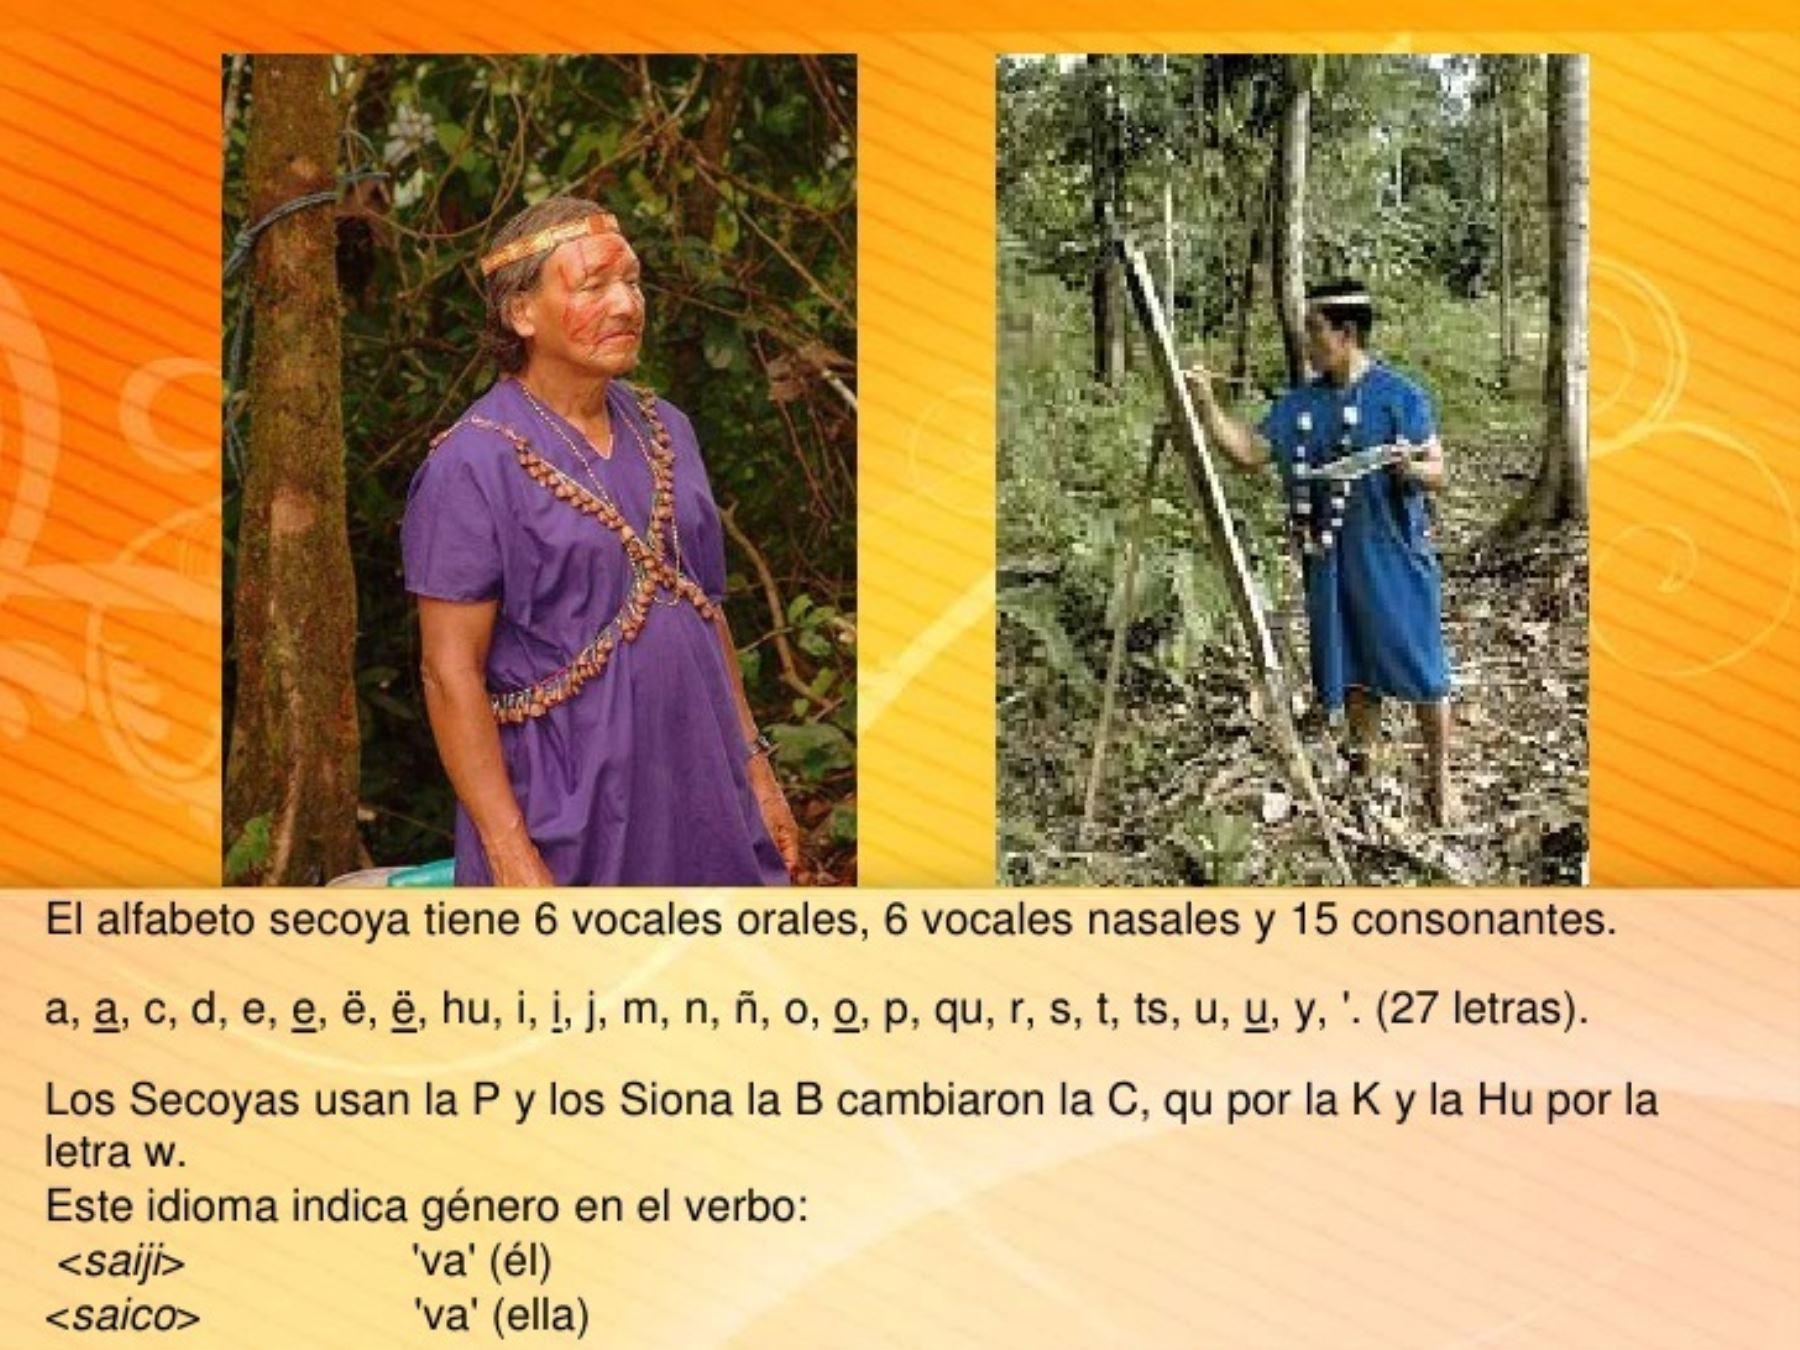 Alfabeto de la lengua Secoya